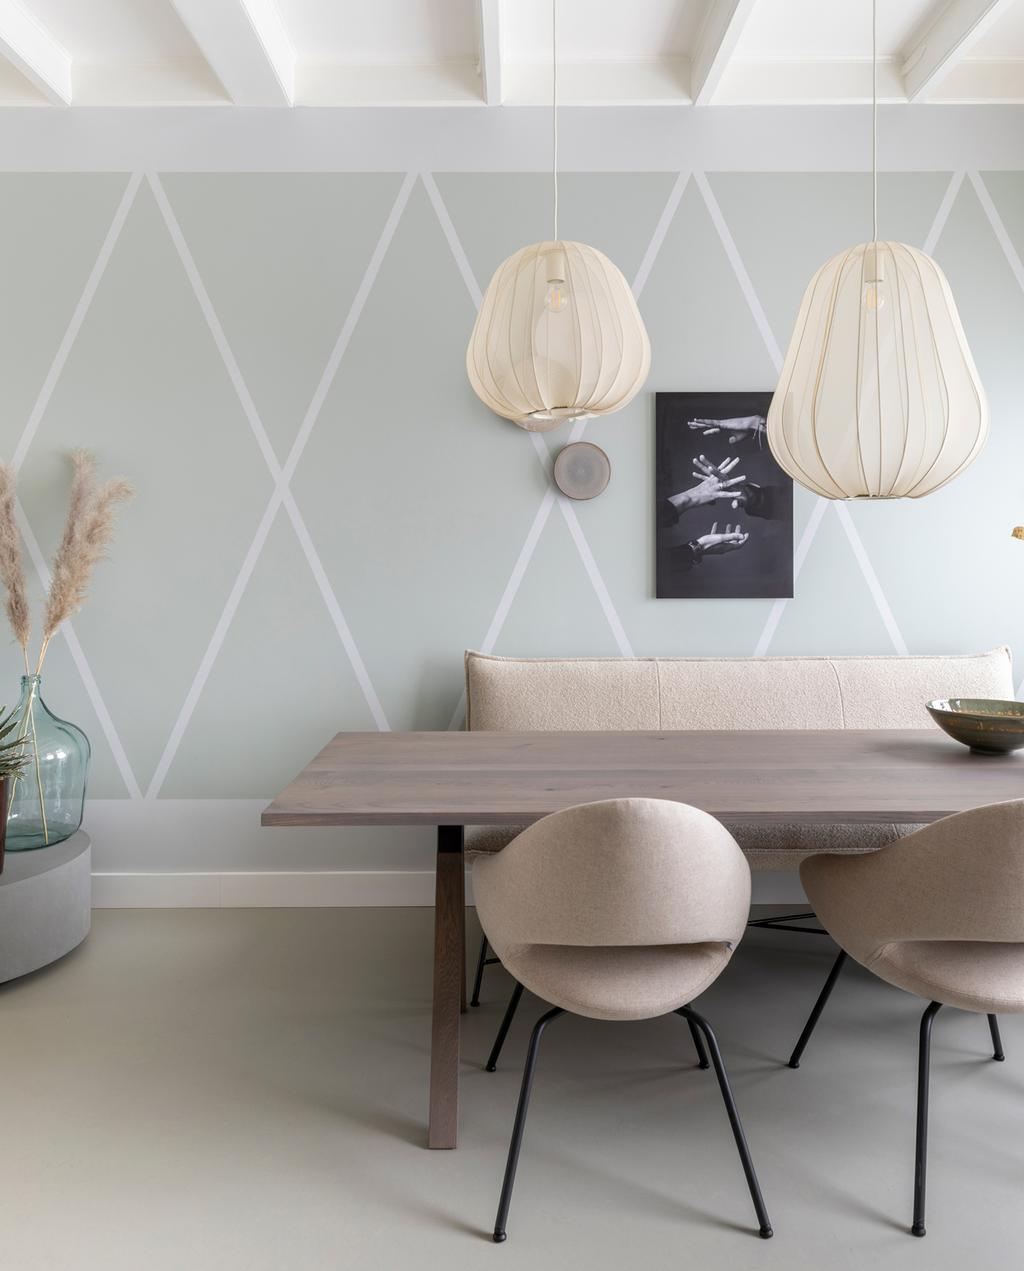 vtwonen weer verliefd op je huis | aflevering 9 seizoen 13 | Marianne in Haarlem | houten tafelblad onderhouden